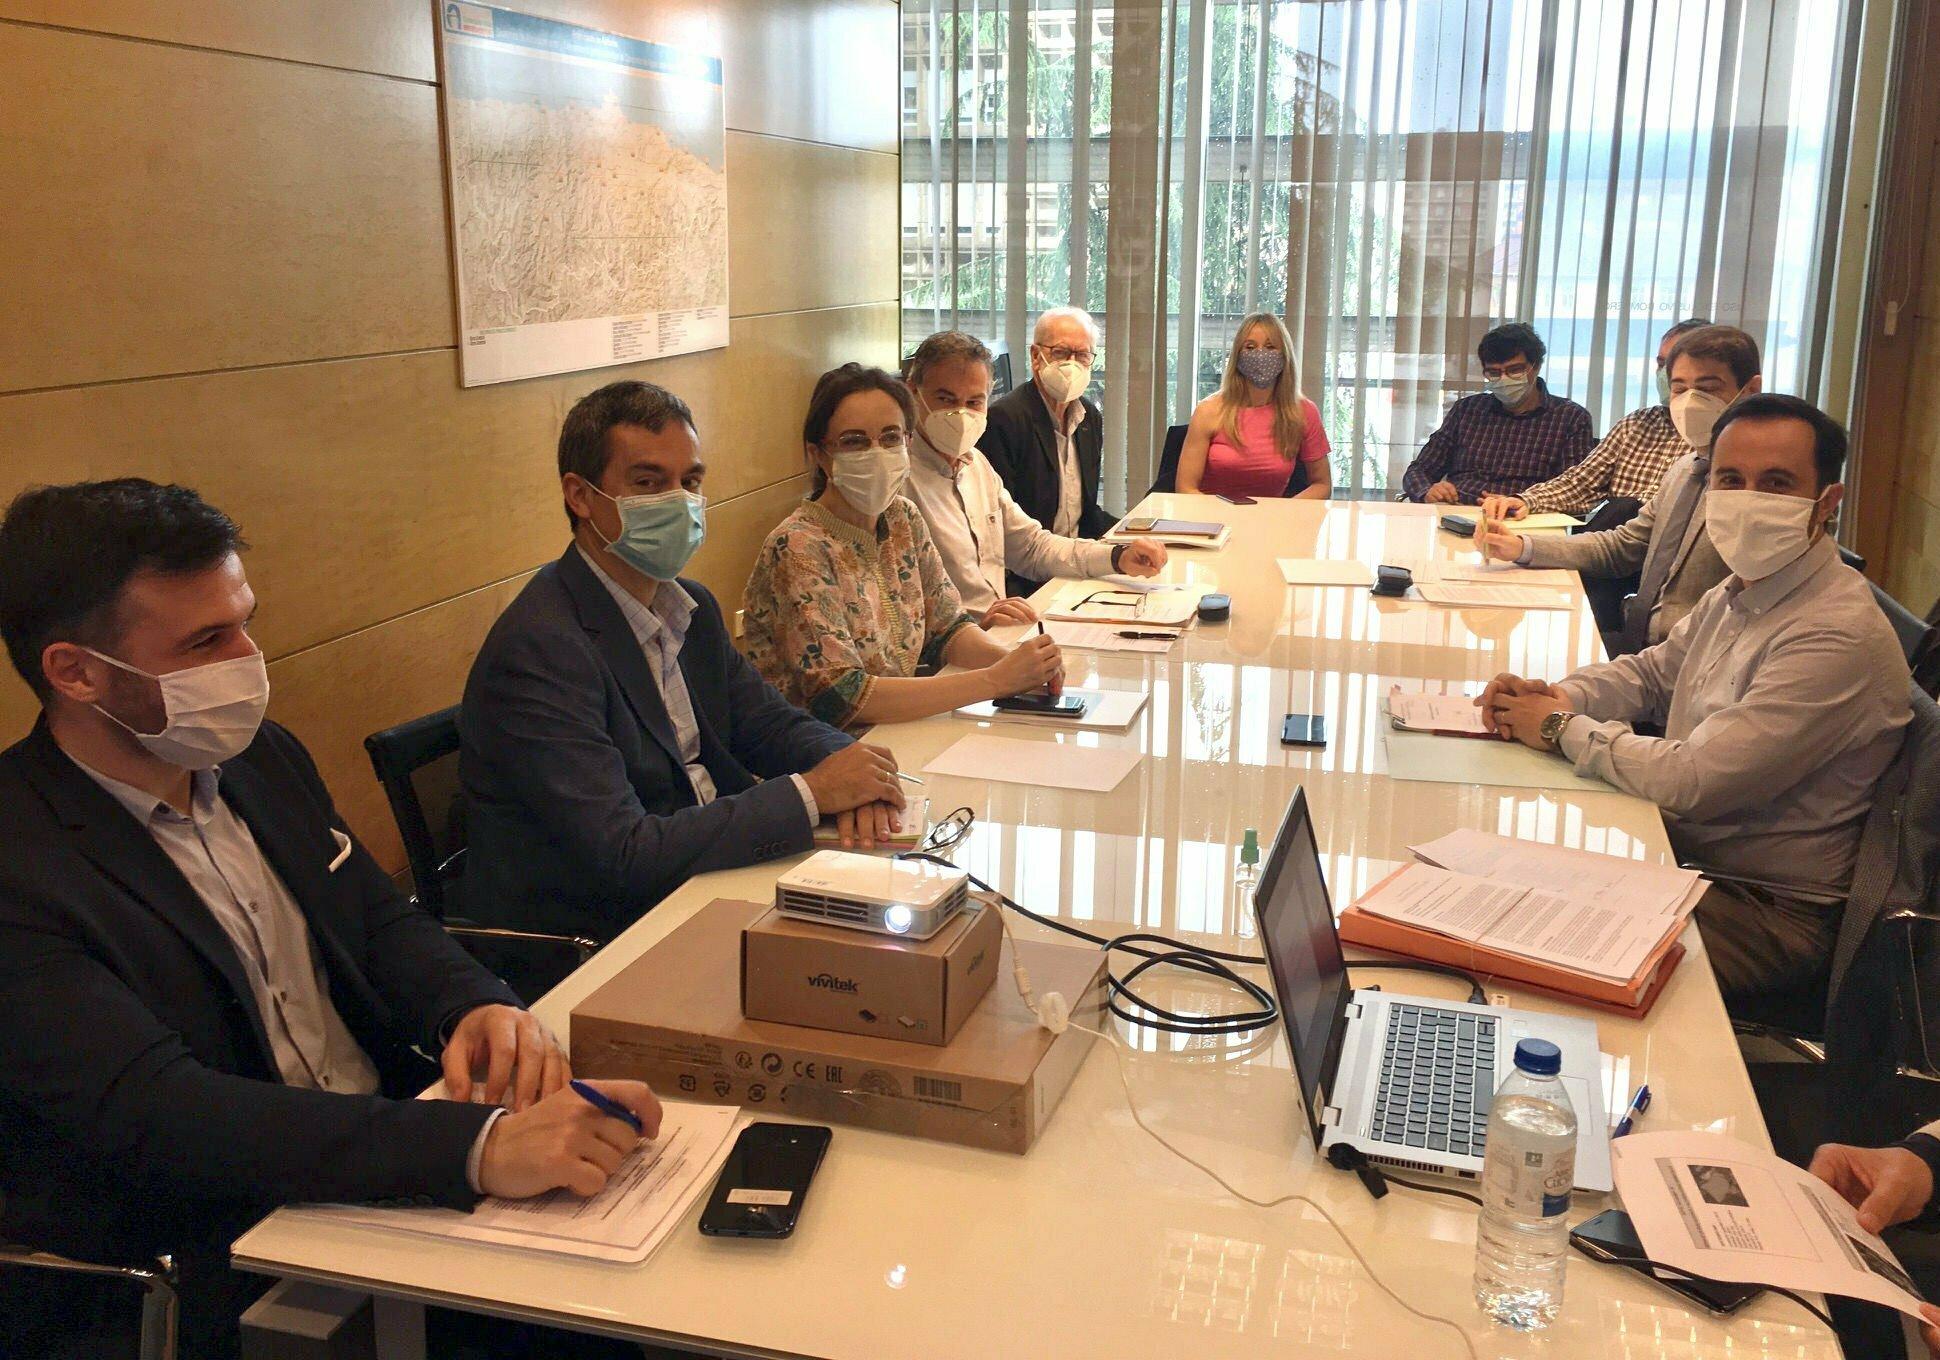 La Comisión de Asuntos Medioambientales informa favorablemente el proyecto de ampliación de ENCE Navia